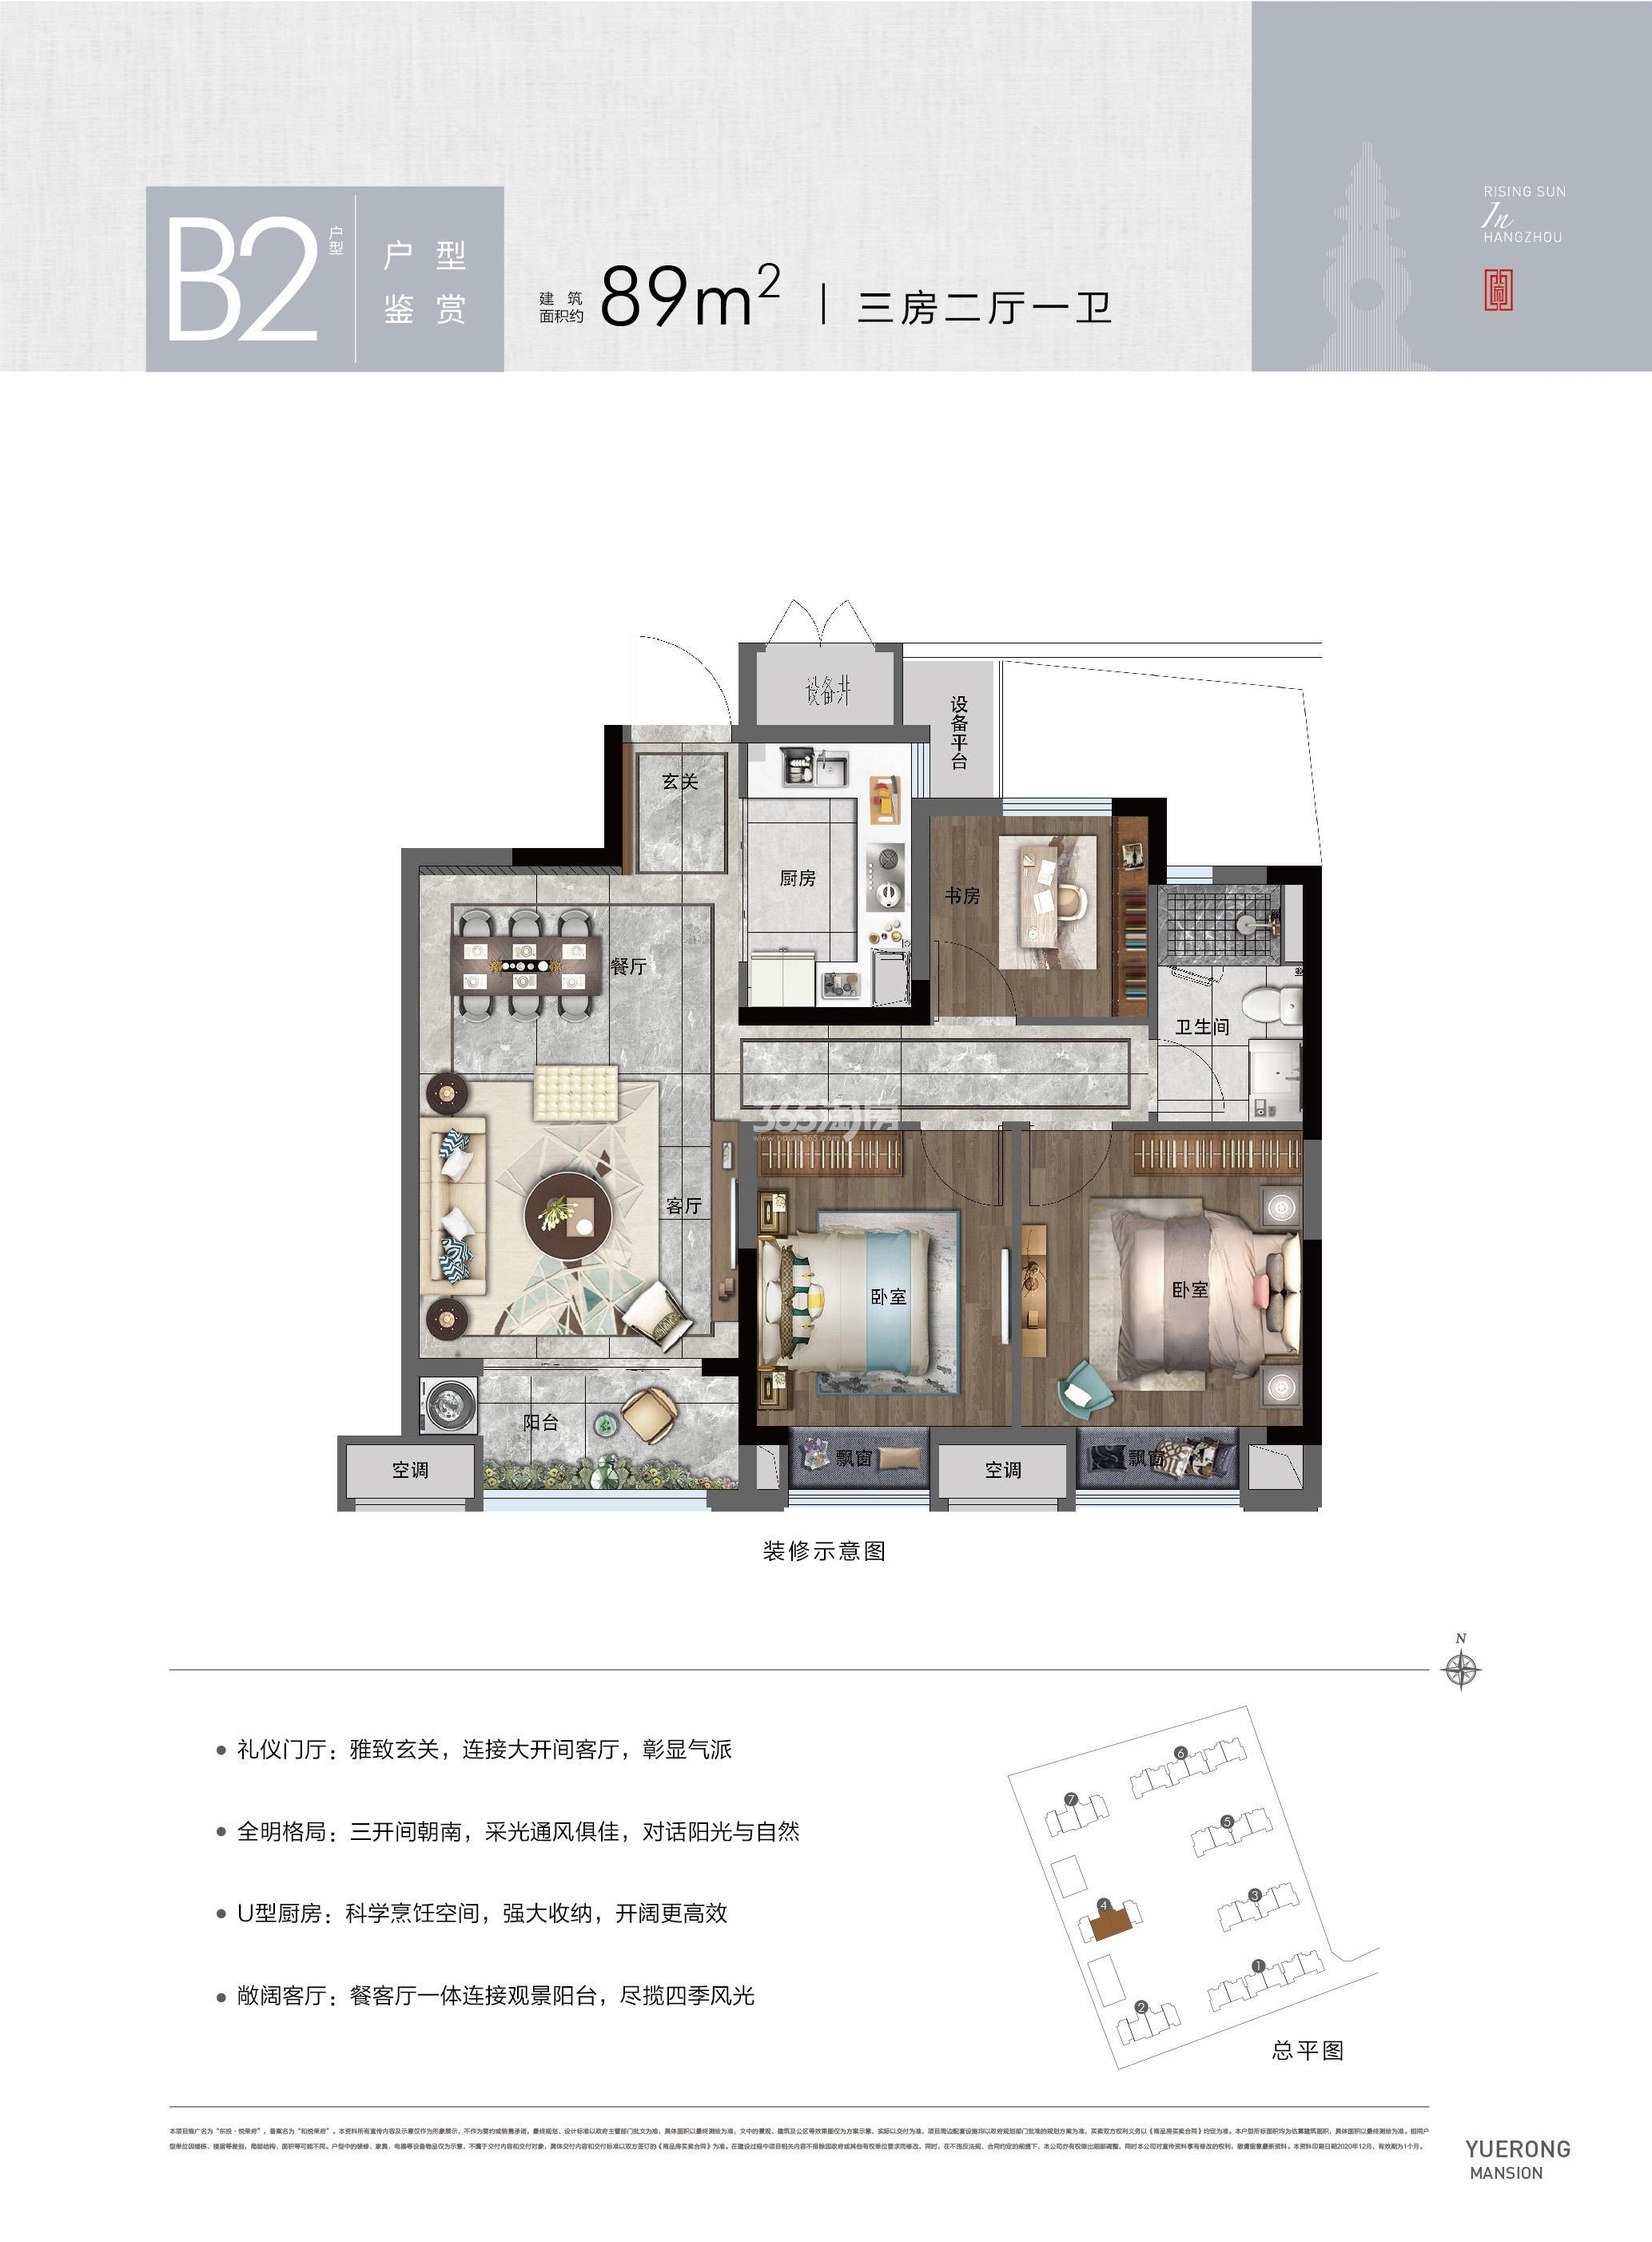 东投悦荣府B2户型89方(4#)